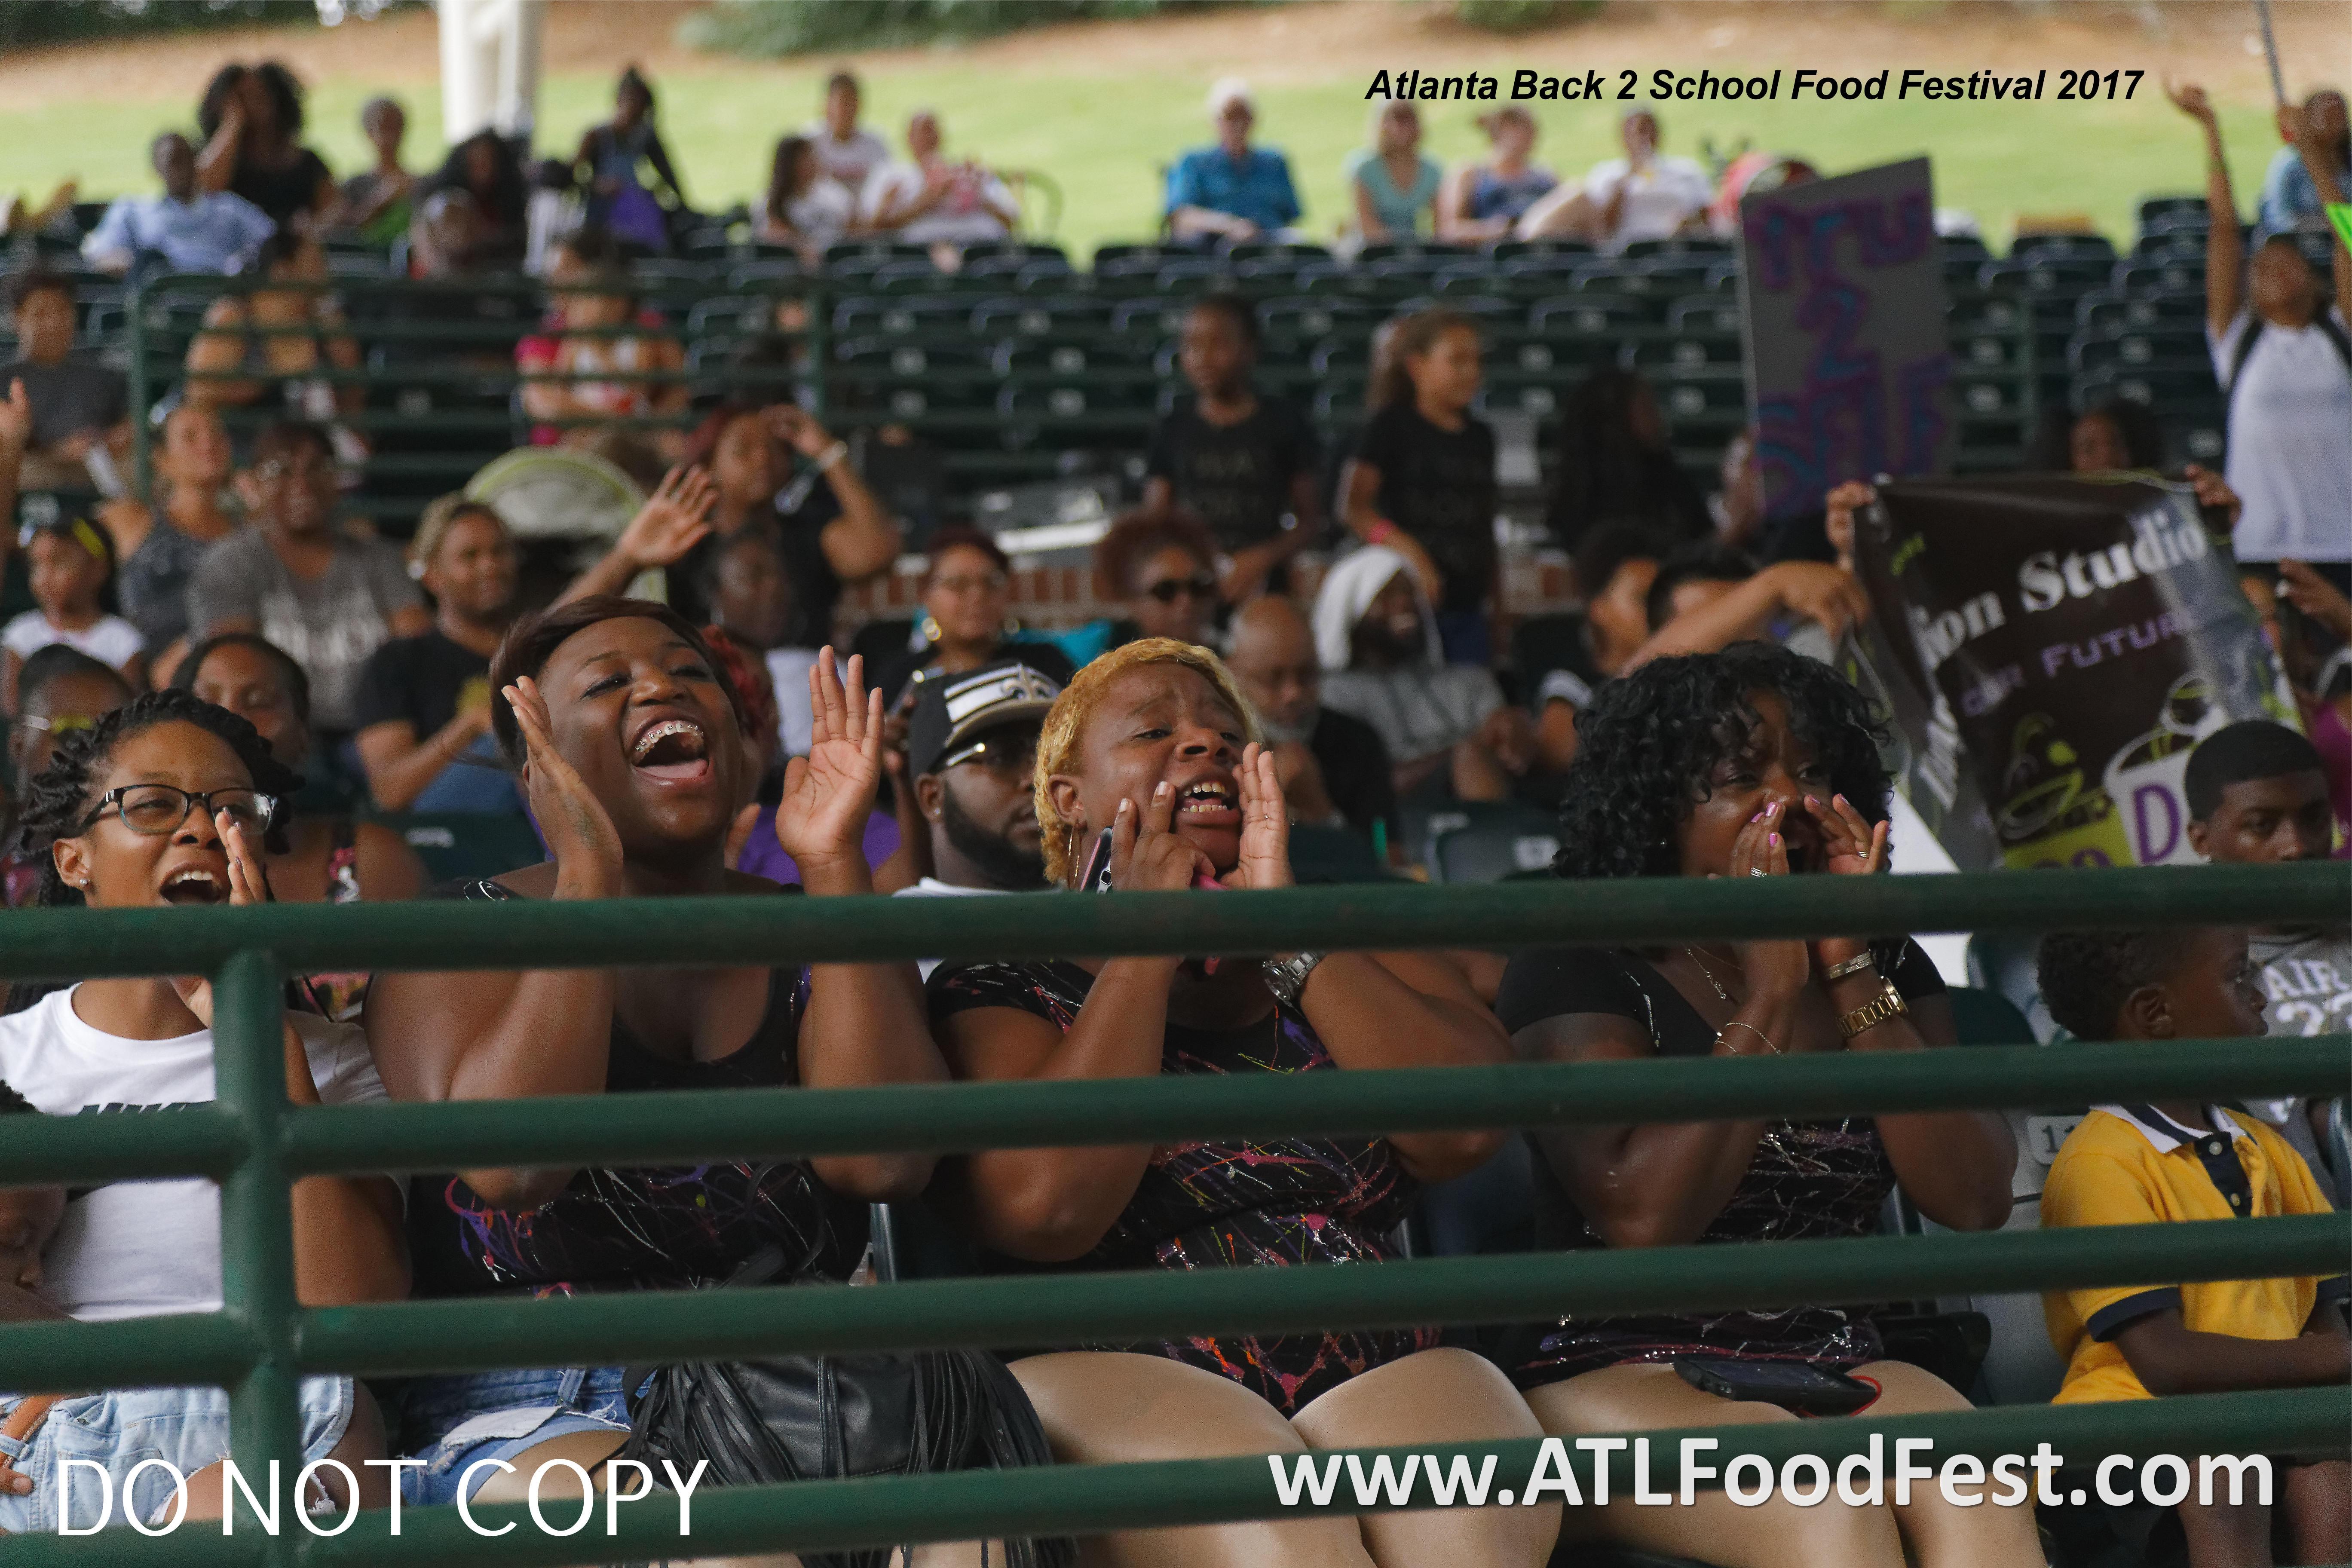 Atlanta Dance Competiton Crowd